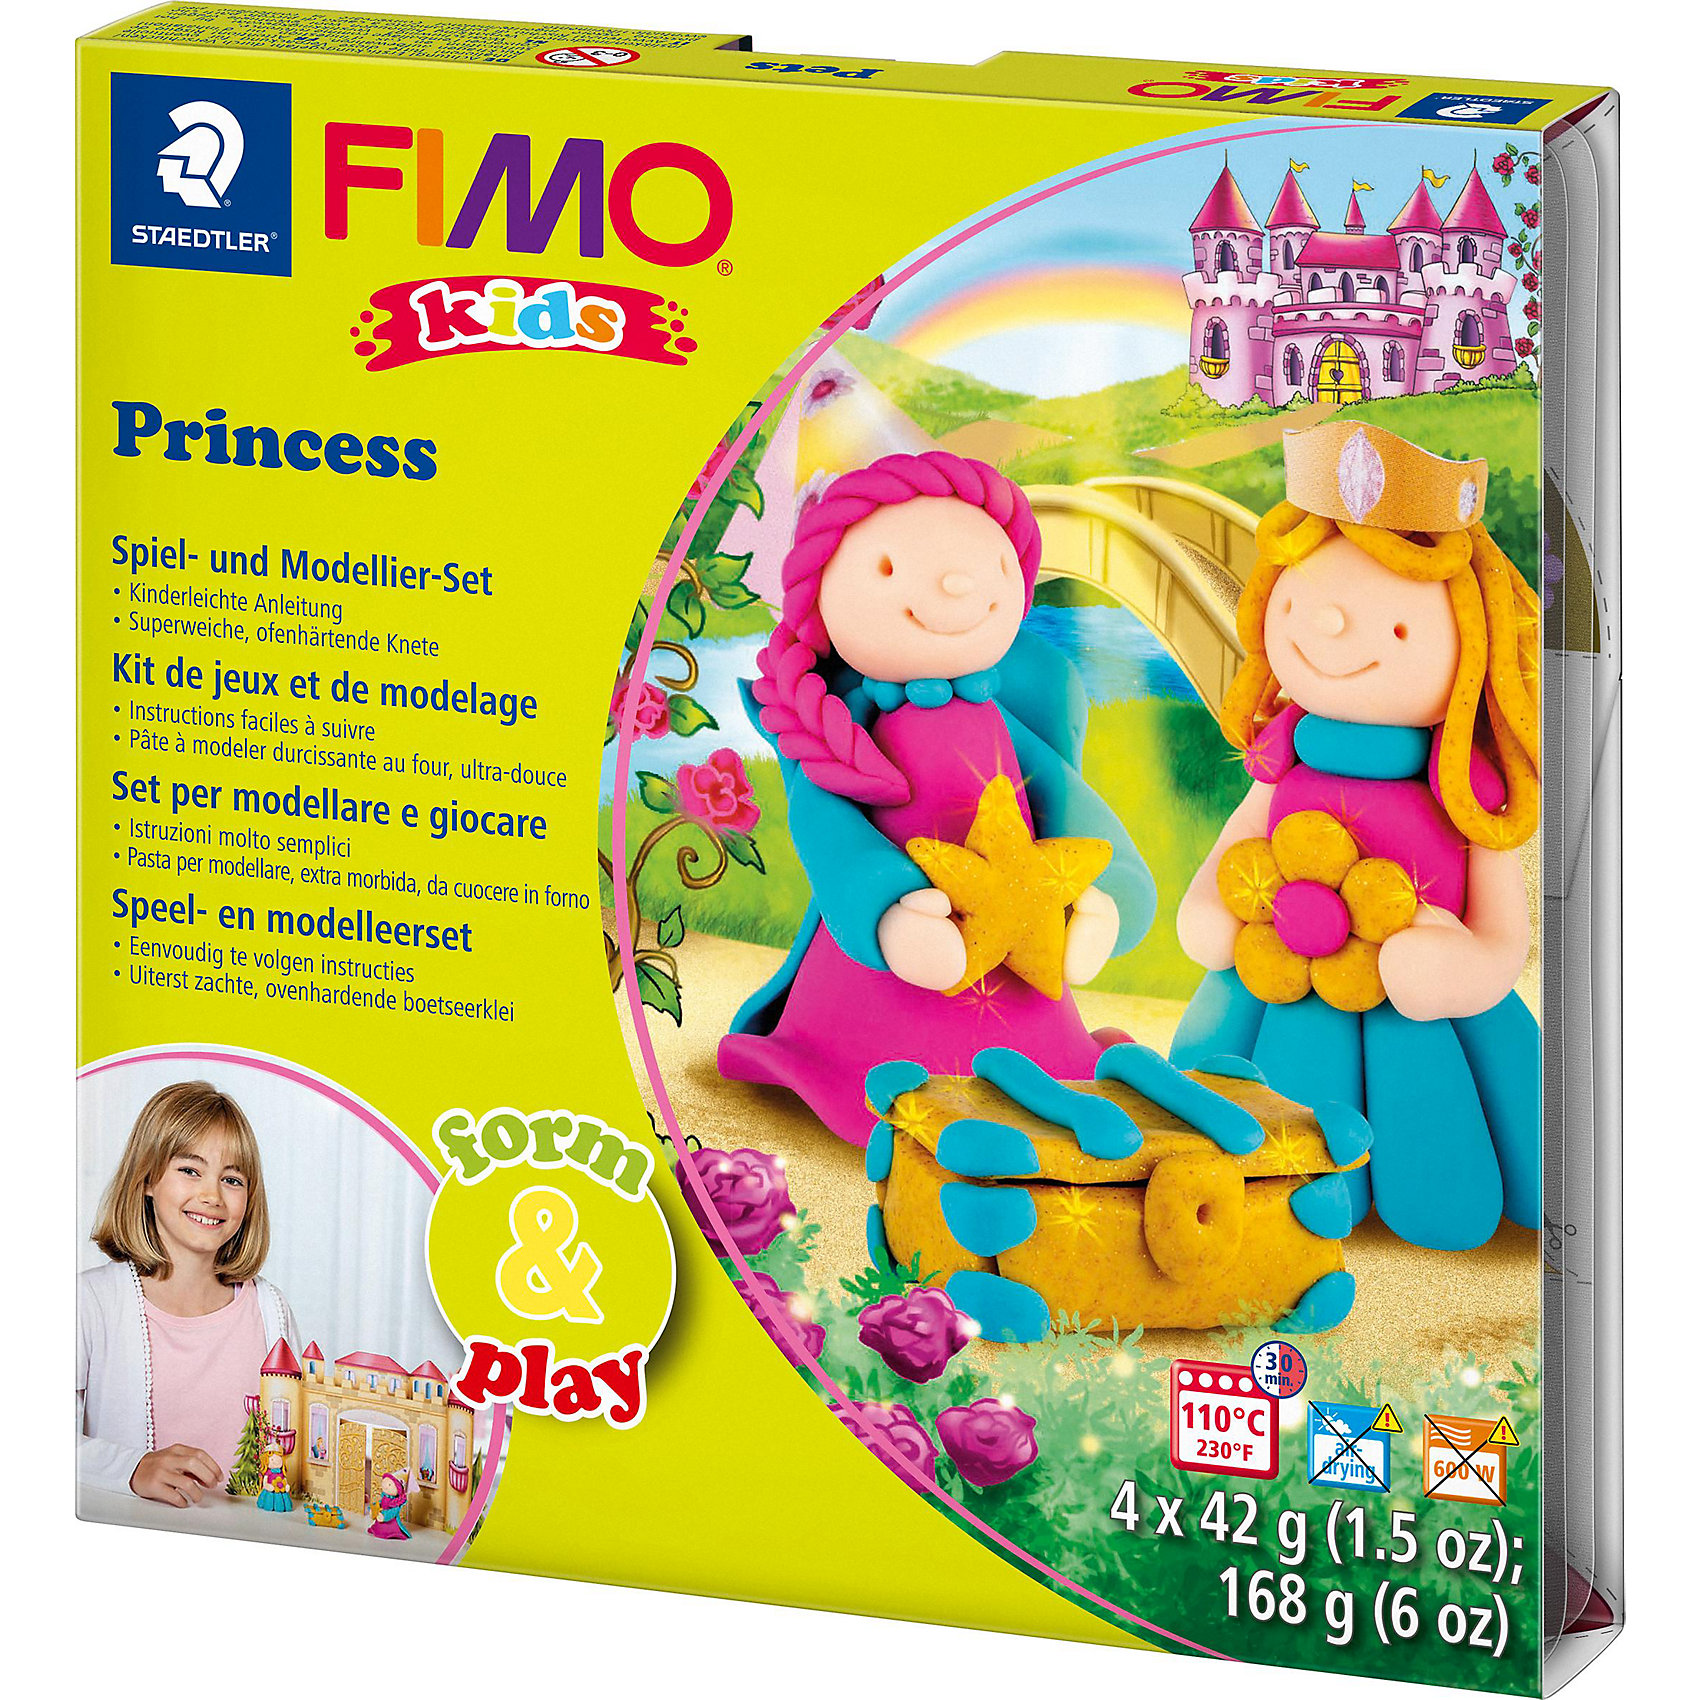 Набор для создания украшений ПринцессаНаборы полимерной глины<br>Серия Form&amp;play представляет собой сочетание моделирование и игры. Основная концепция включает простые и хорошо понятные формы, инструкции в соответствии с уровнем сложности и полимерную глину, разработанную специально для детей. Игровая фоновая сцена, изображенная на внутренней стороне упаковки, не только доставит дополнительное удовольствие от игры, но и вдохновит на новые идеи моделирования.<br>FIMO kids form&amp;play детский набор Принцесса - содержит: 4 блока по 42 г (нежно-розовый, розовый, телесный, блестящий белый), стек для моделирования, пошаговые инструкции, игровая фоновая сцена. Уровень сложности 3.<br><br>Ширина мм: 156<br>Глубина мм: 159<br>Высота мм: 27<br>Вес г: 262<br>Возраст от месяцев: 60<br>Возраст до месяцев: 96<br>Пол: Унисекс<br>Возраст: Детский<br>SKU: 3608627